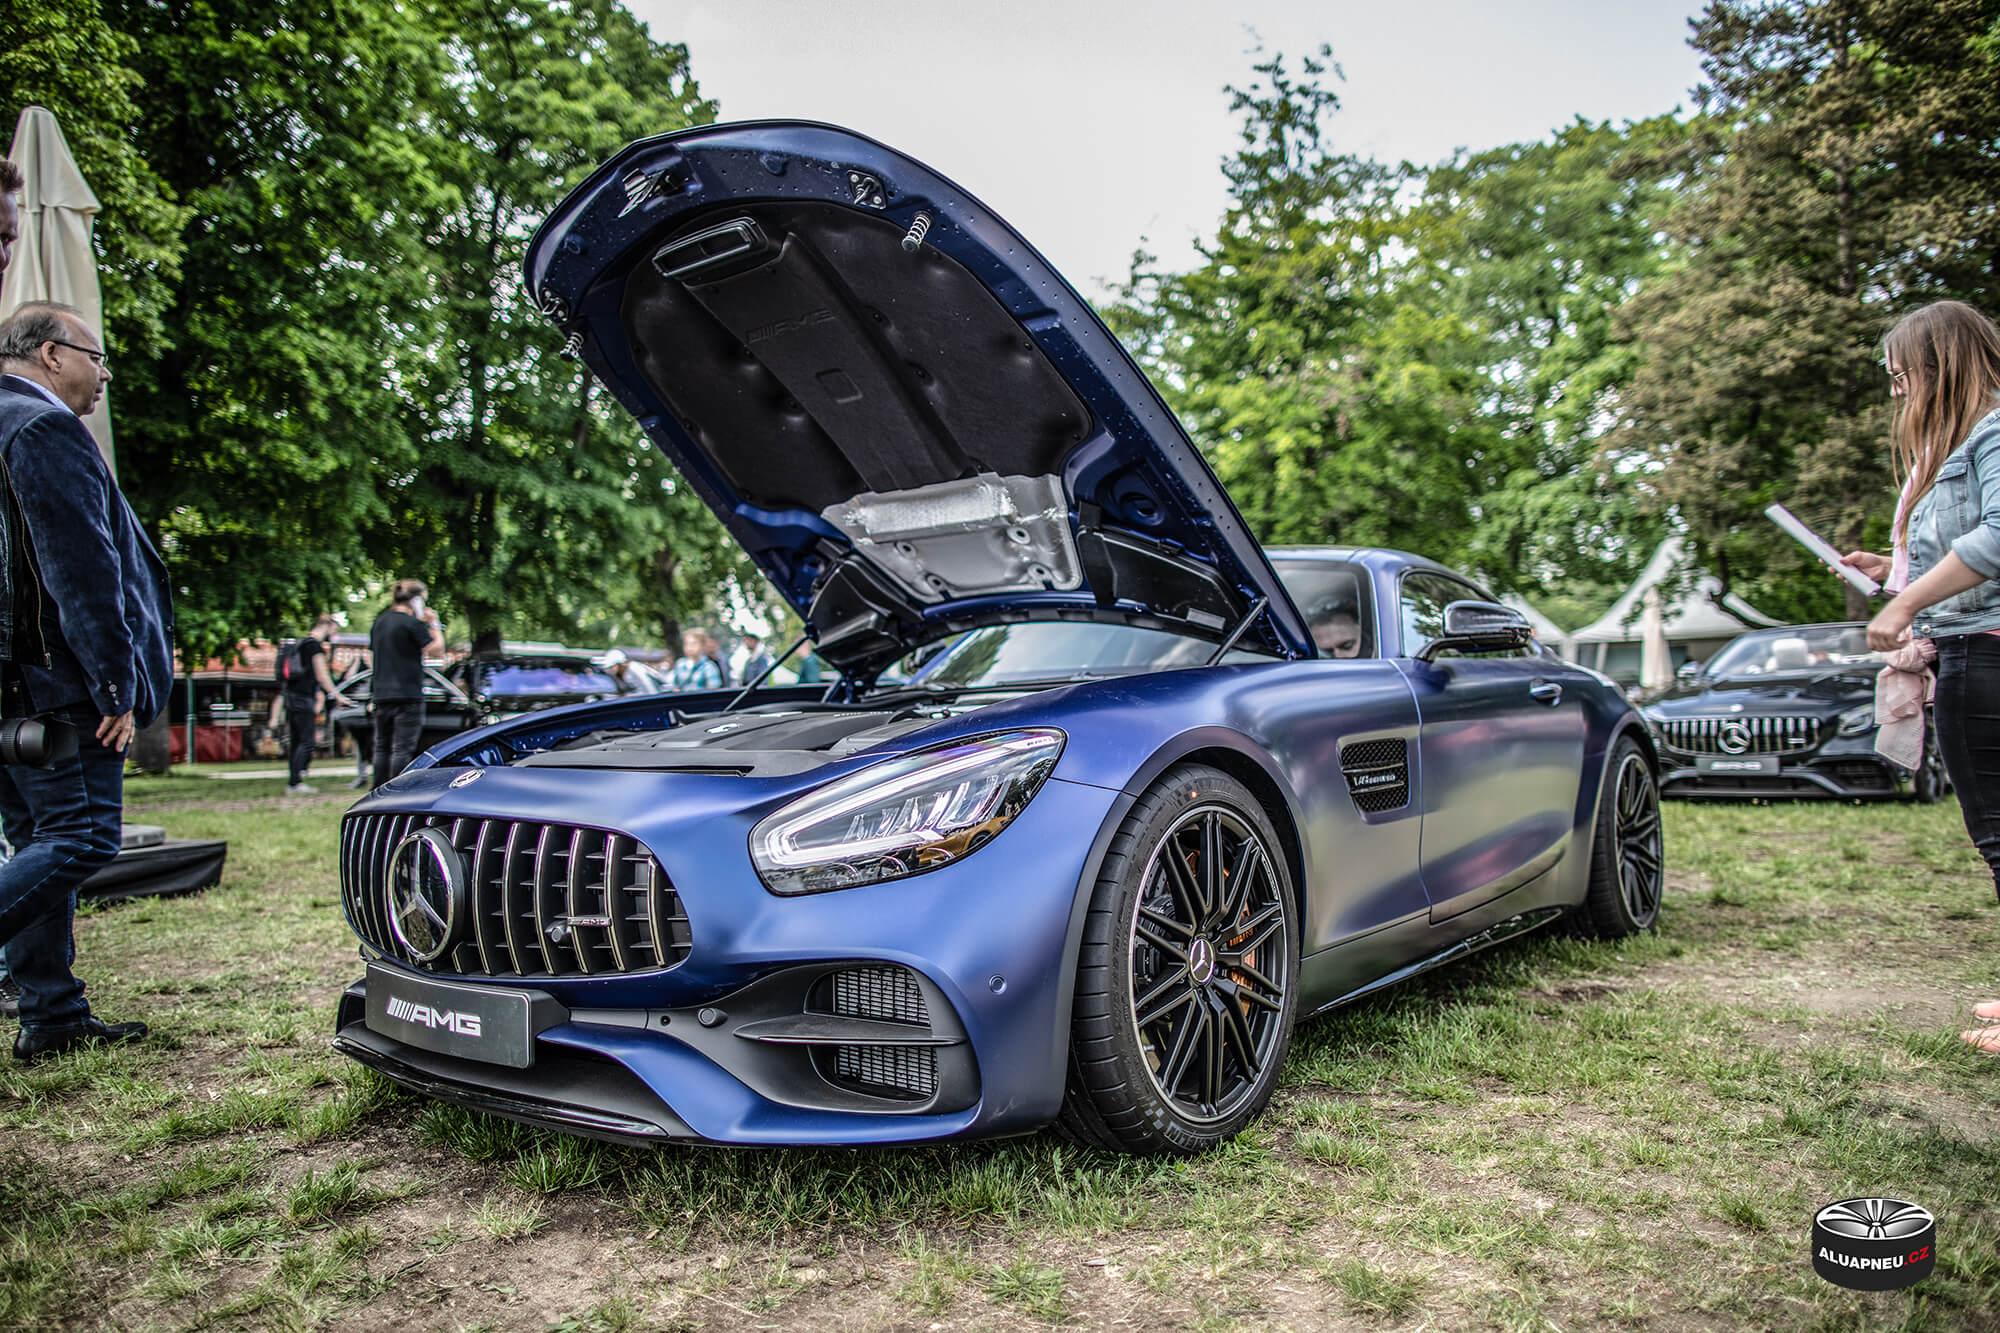 Mercedes Amg Gt S - originál Amg litá kola - Automobilové Legendy 2019 - www.aluapneu.cz